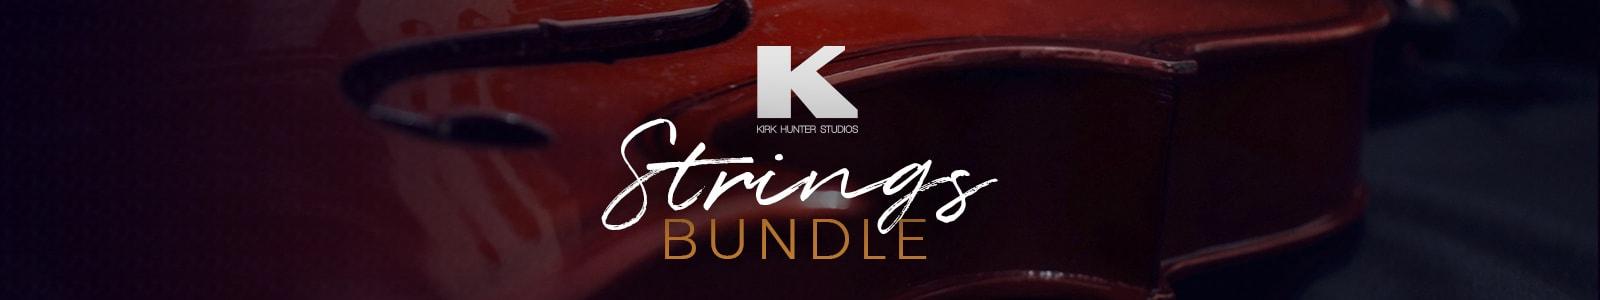 khs strings bundle